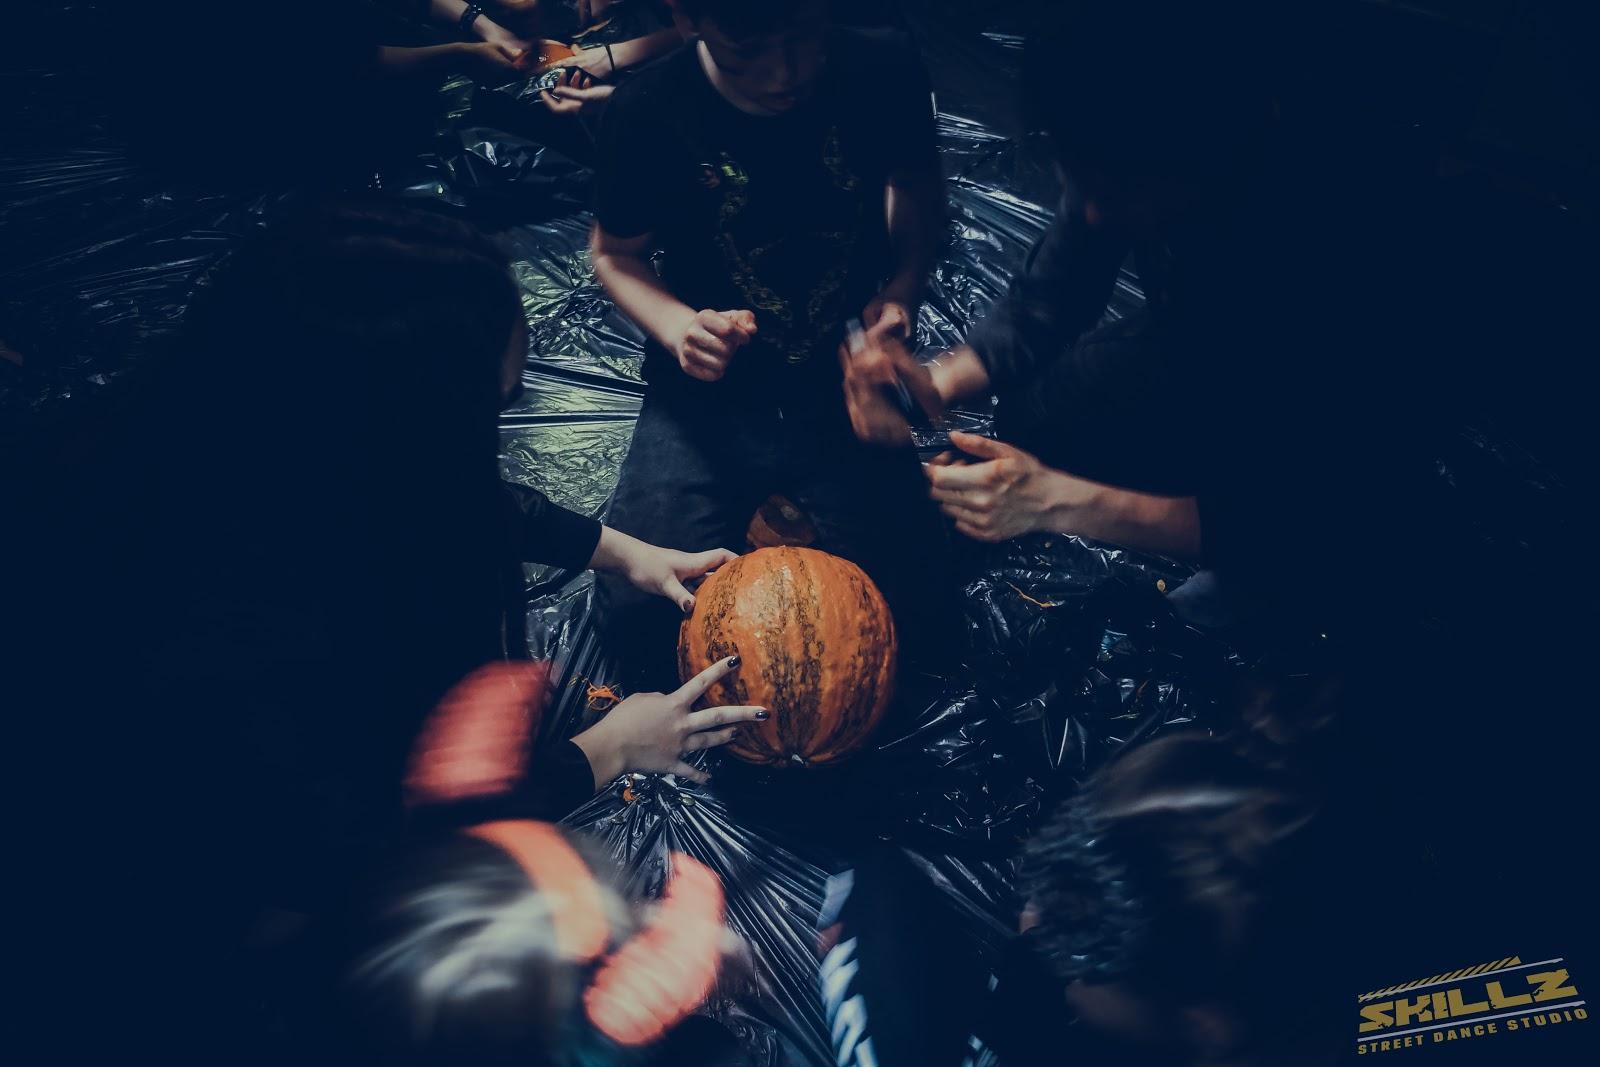 Naujikų krikštynos @SKILLZ (Halloween tema) - PANA2054.jpg